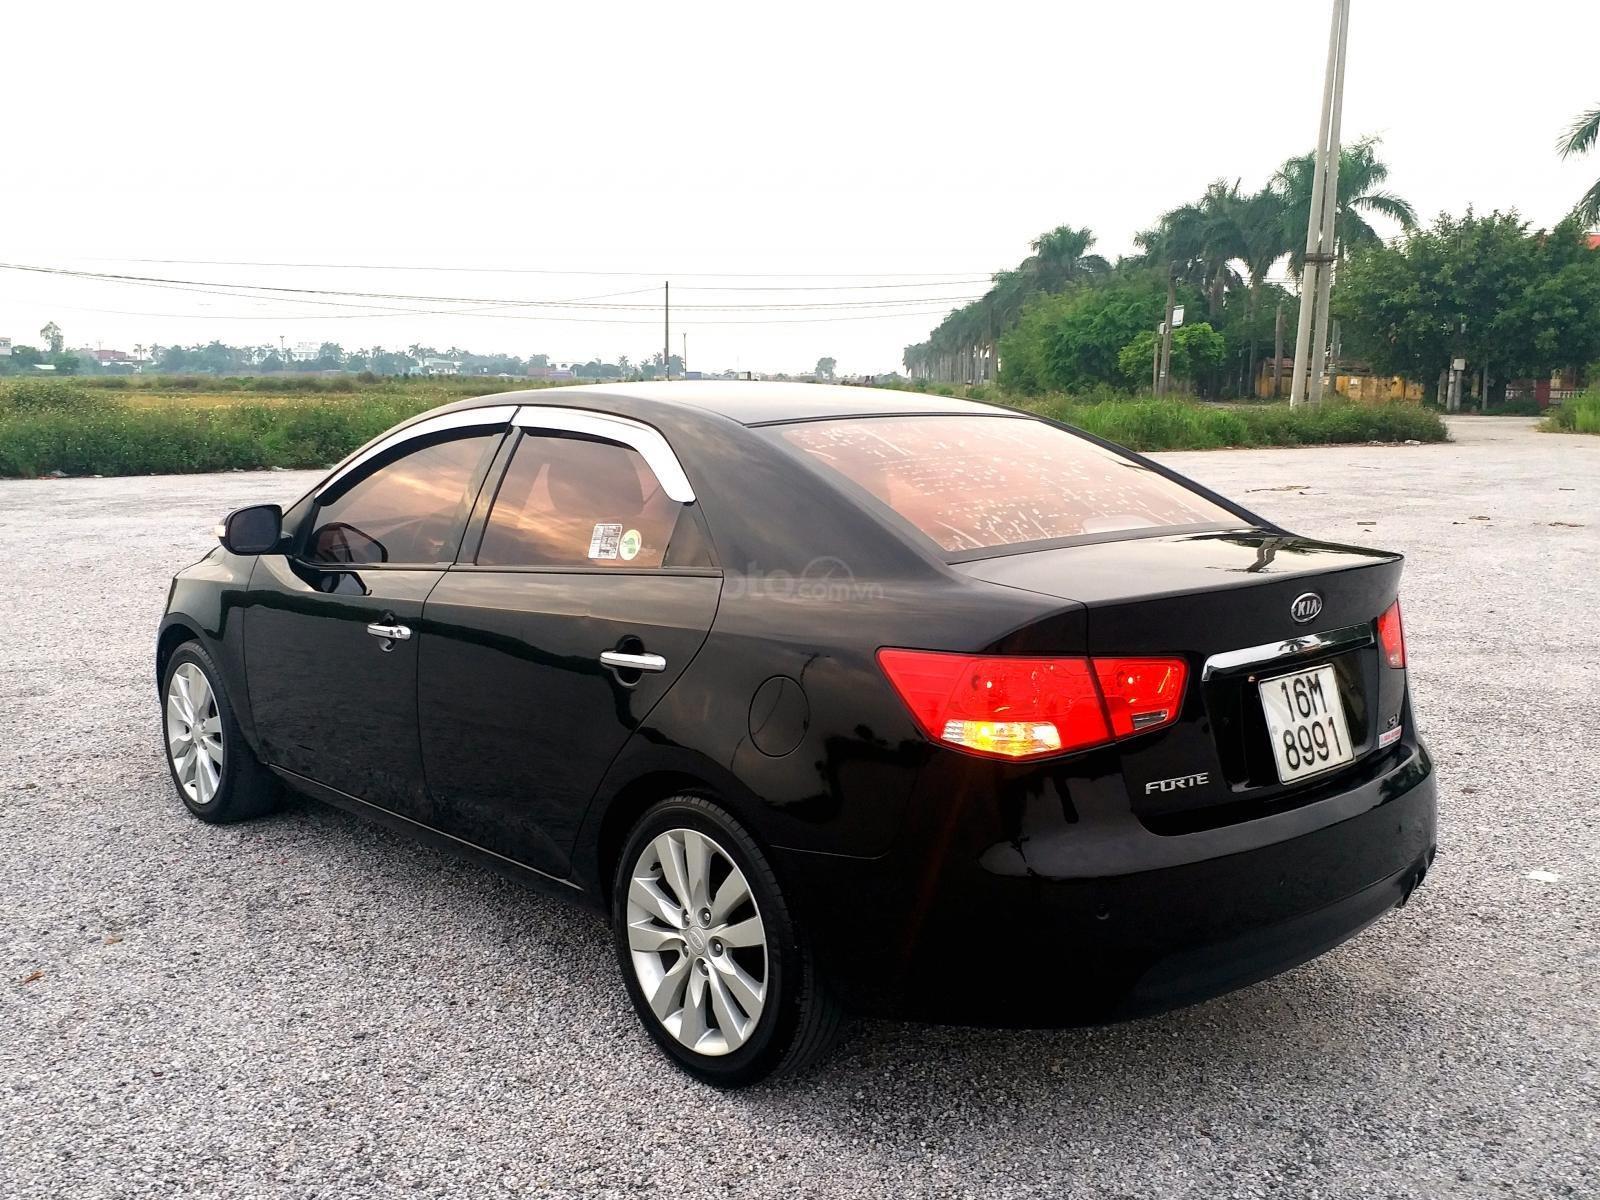 Cần bán Kia Forte sản xuất 2009, màu đen mới 95% giá tốt 320 triệu đồng (6)